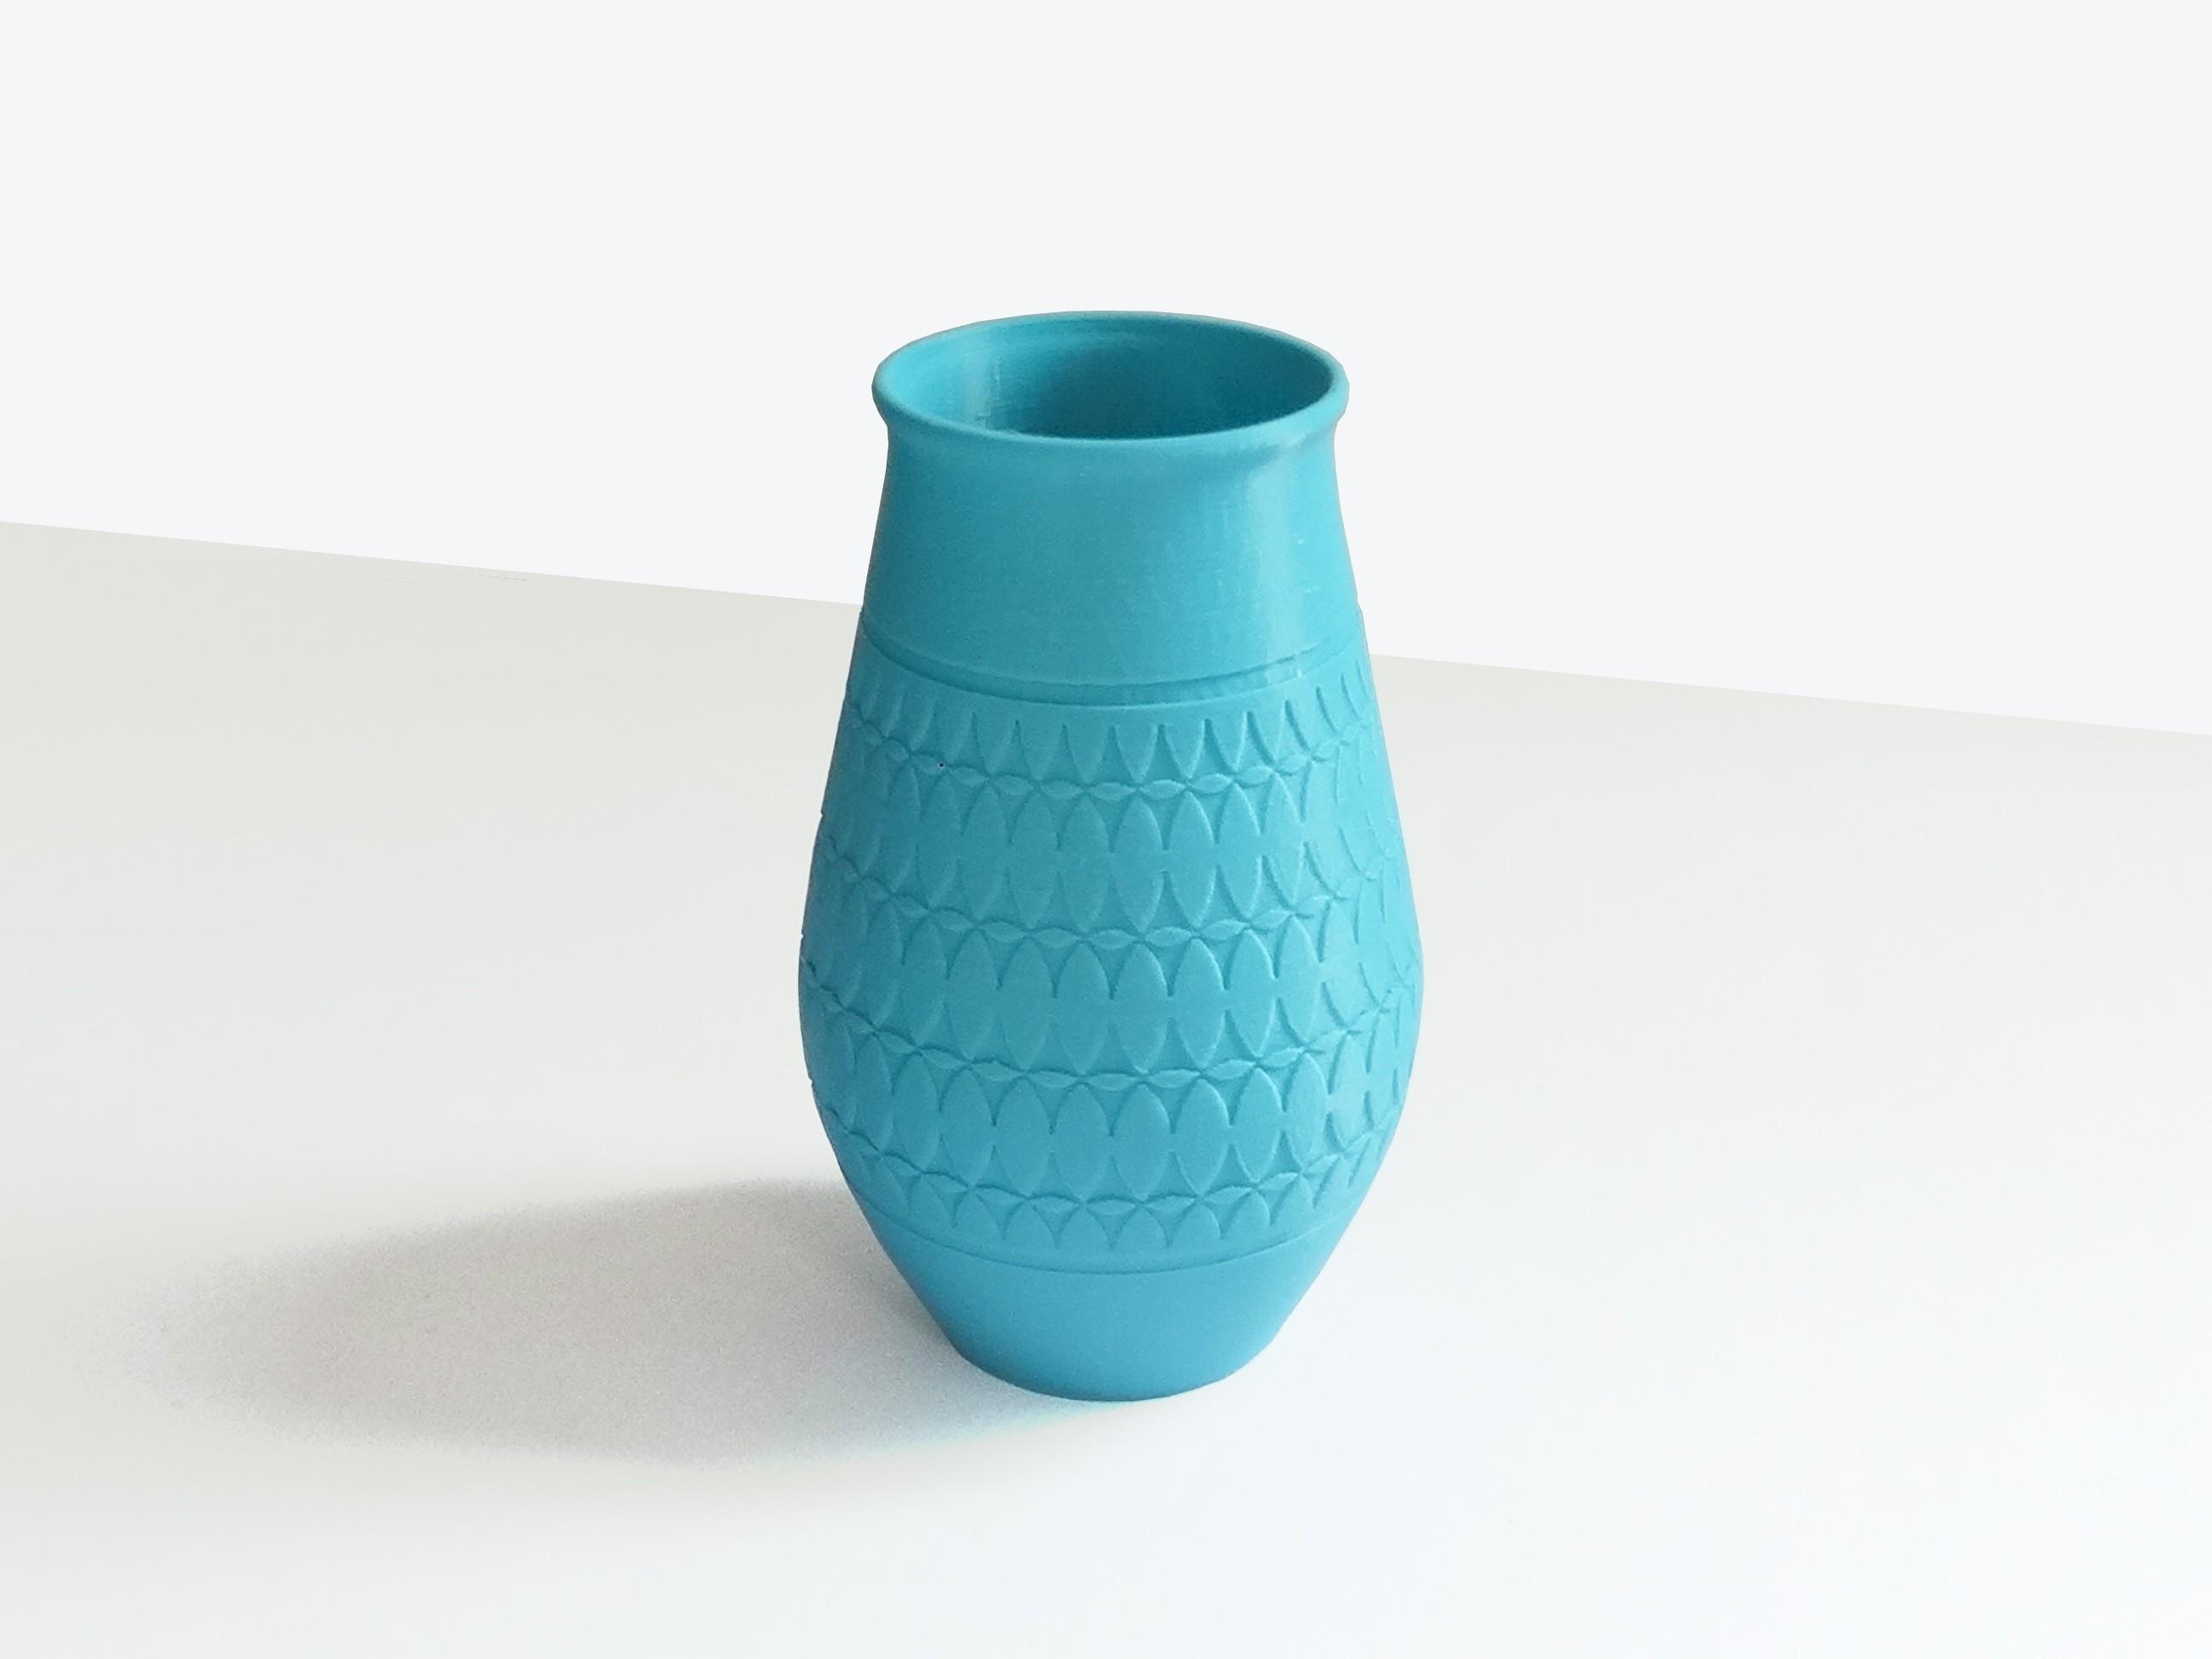 vase_modelie_int03.jpg Download STL file Vase Model • 3D printable design, Tibe-Design